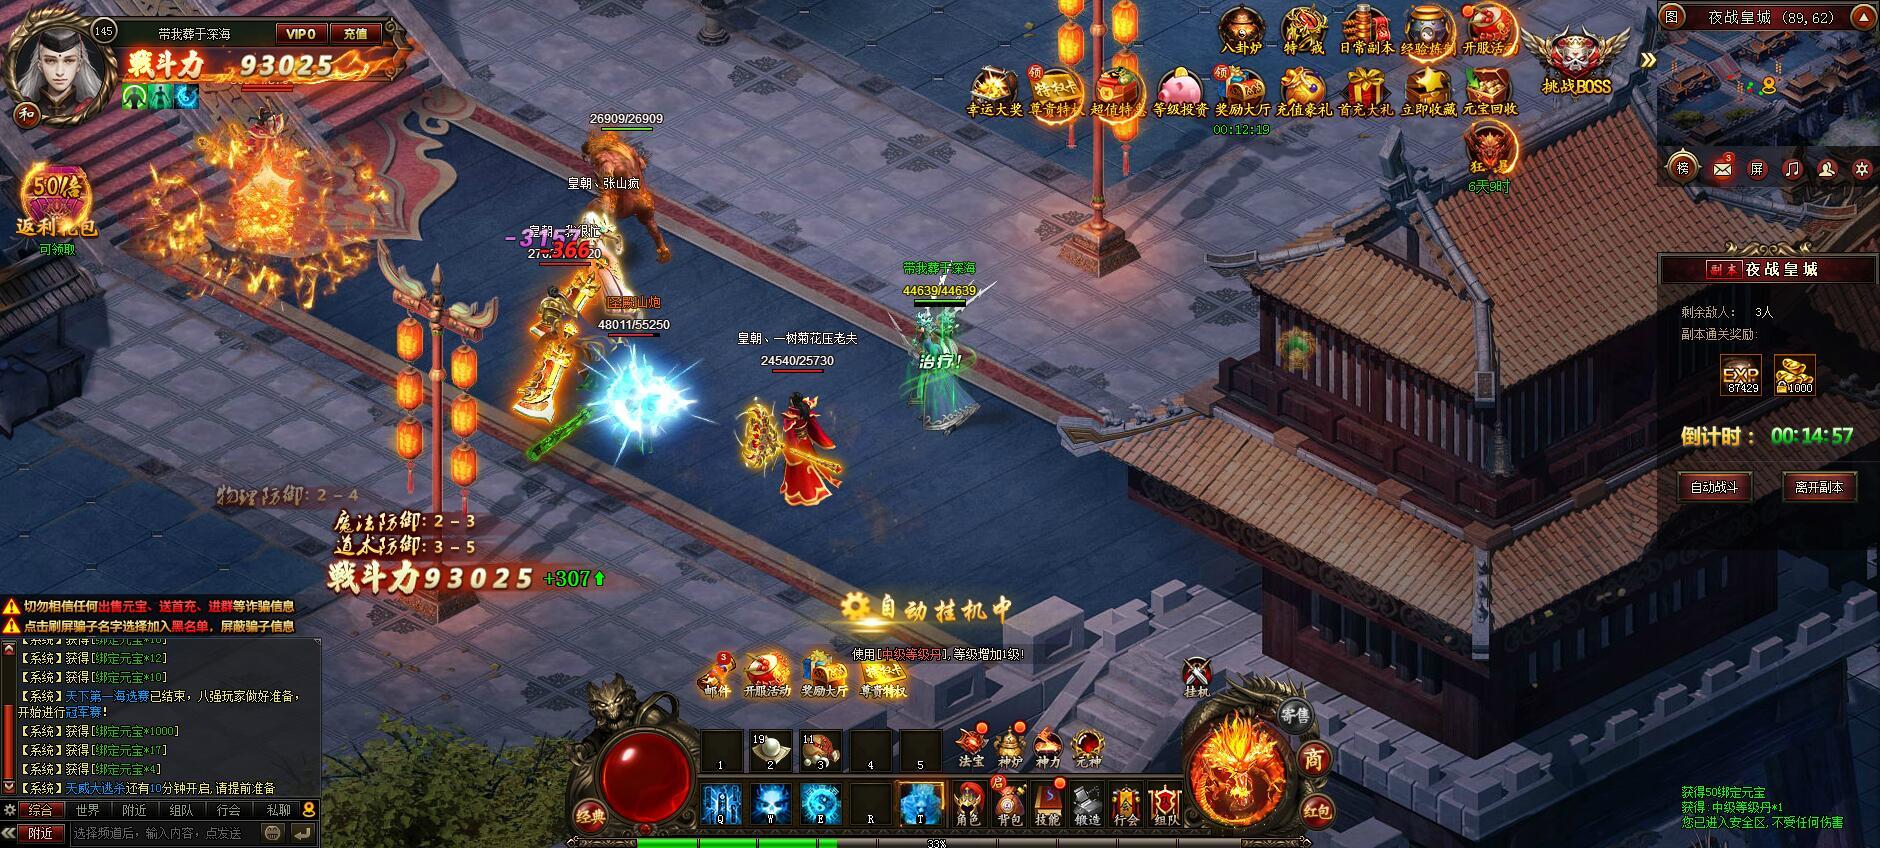 热血再燃游戏截图4